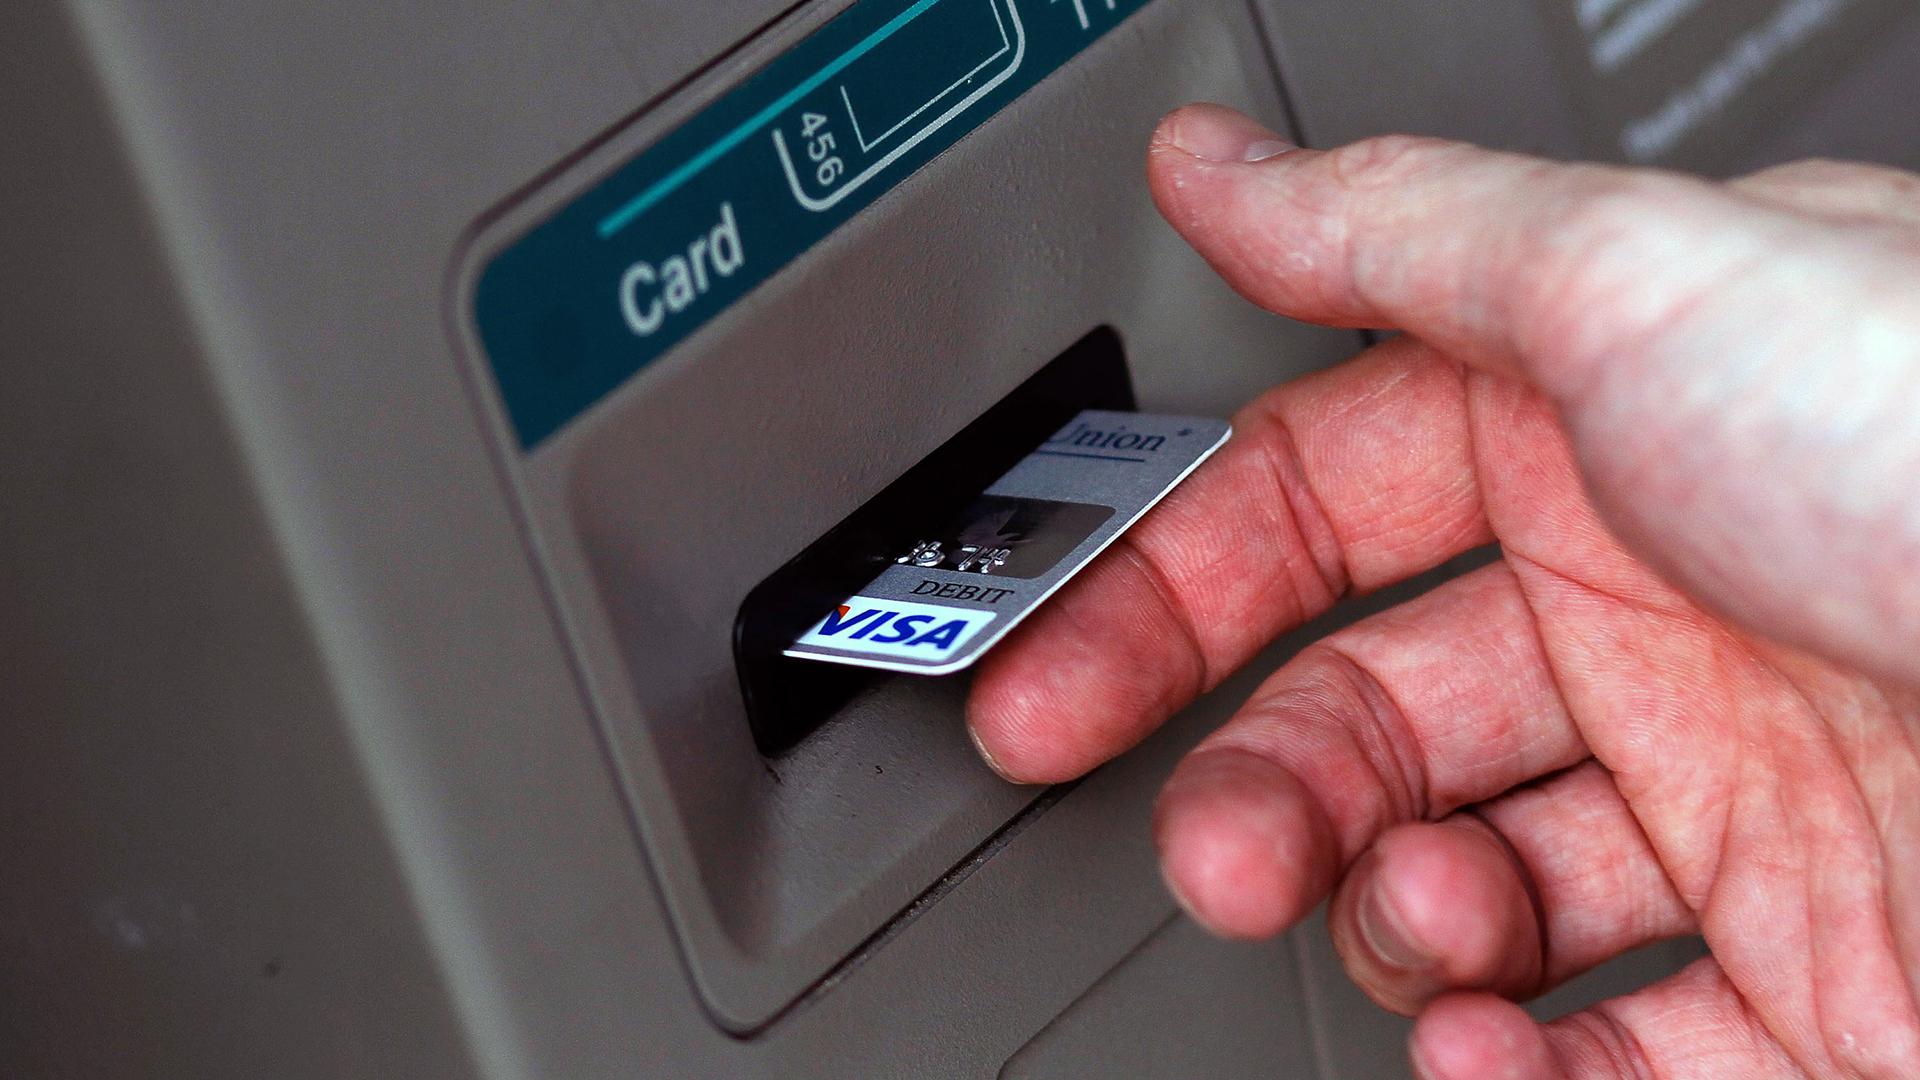 Card in ATM-159532.jpg45468302